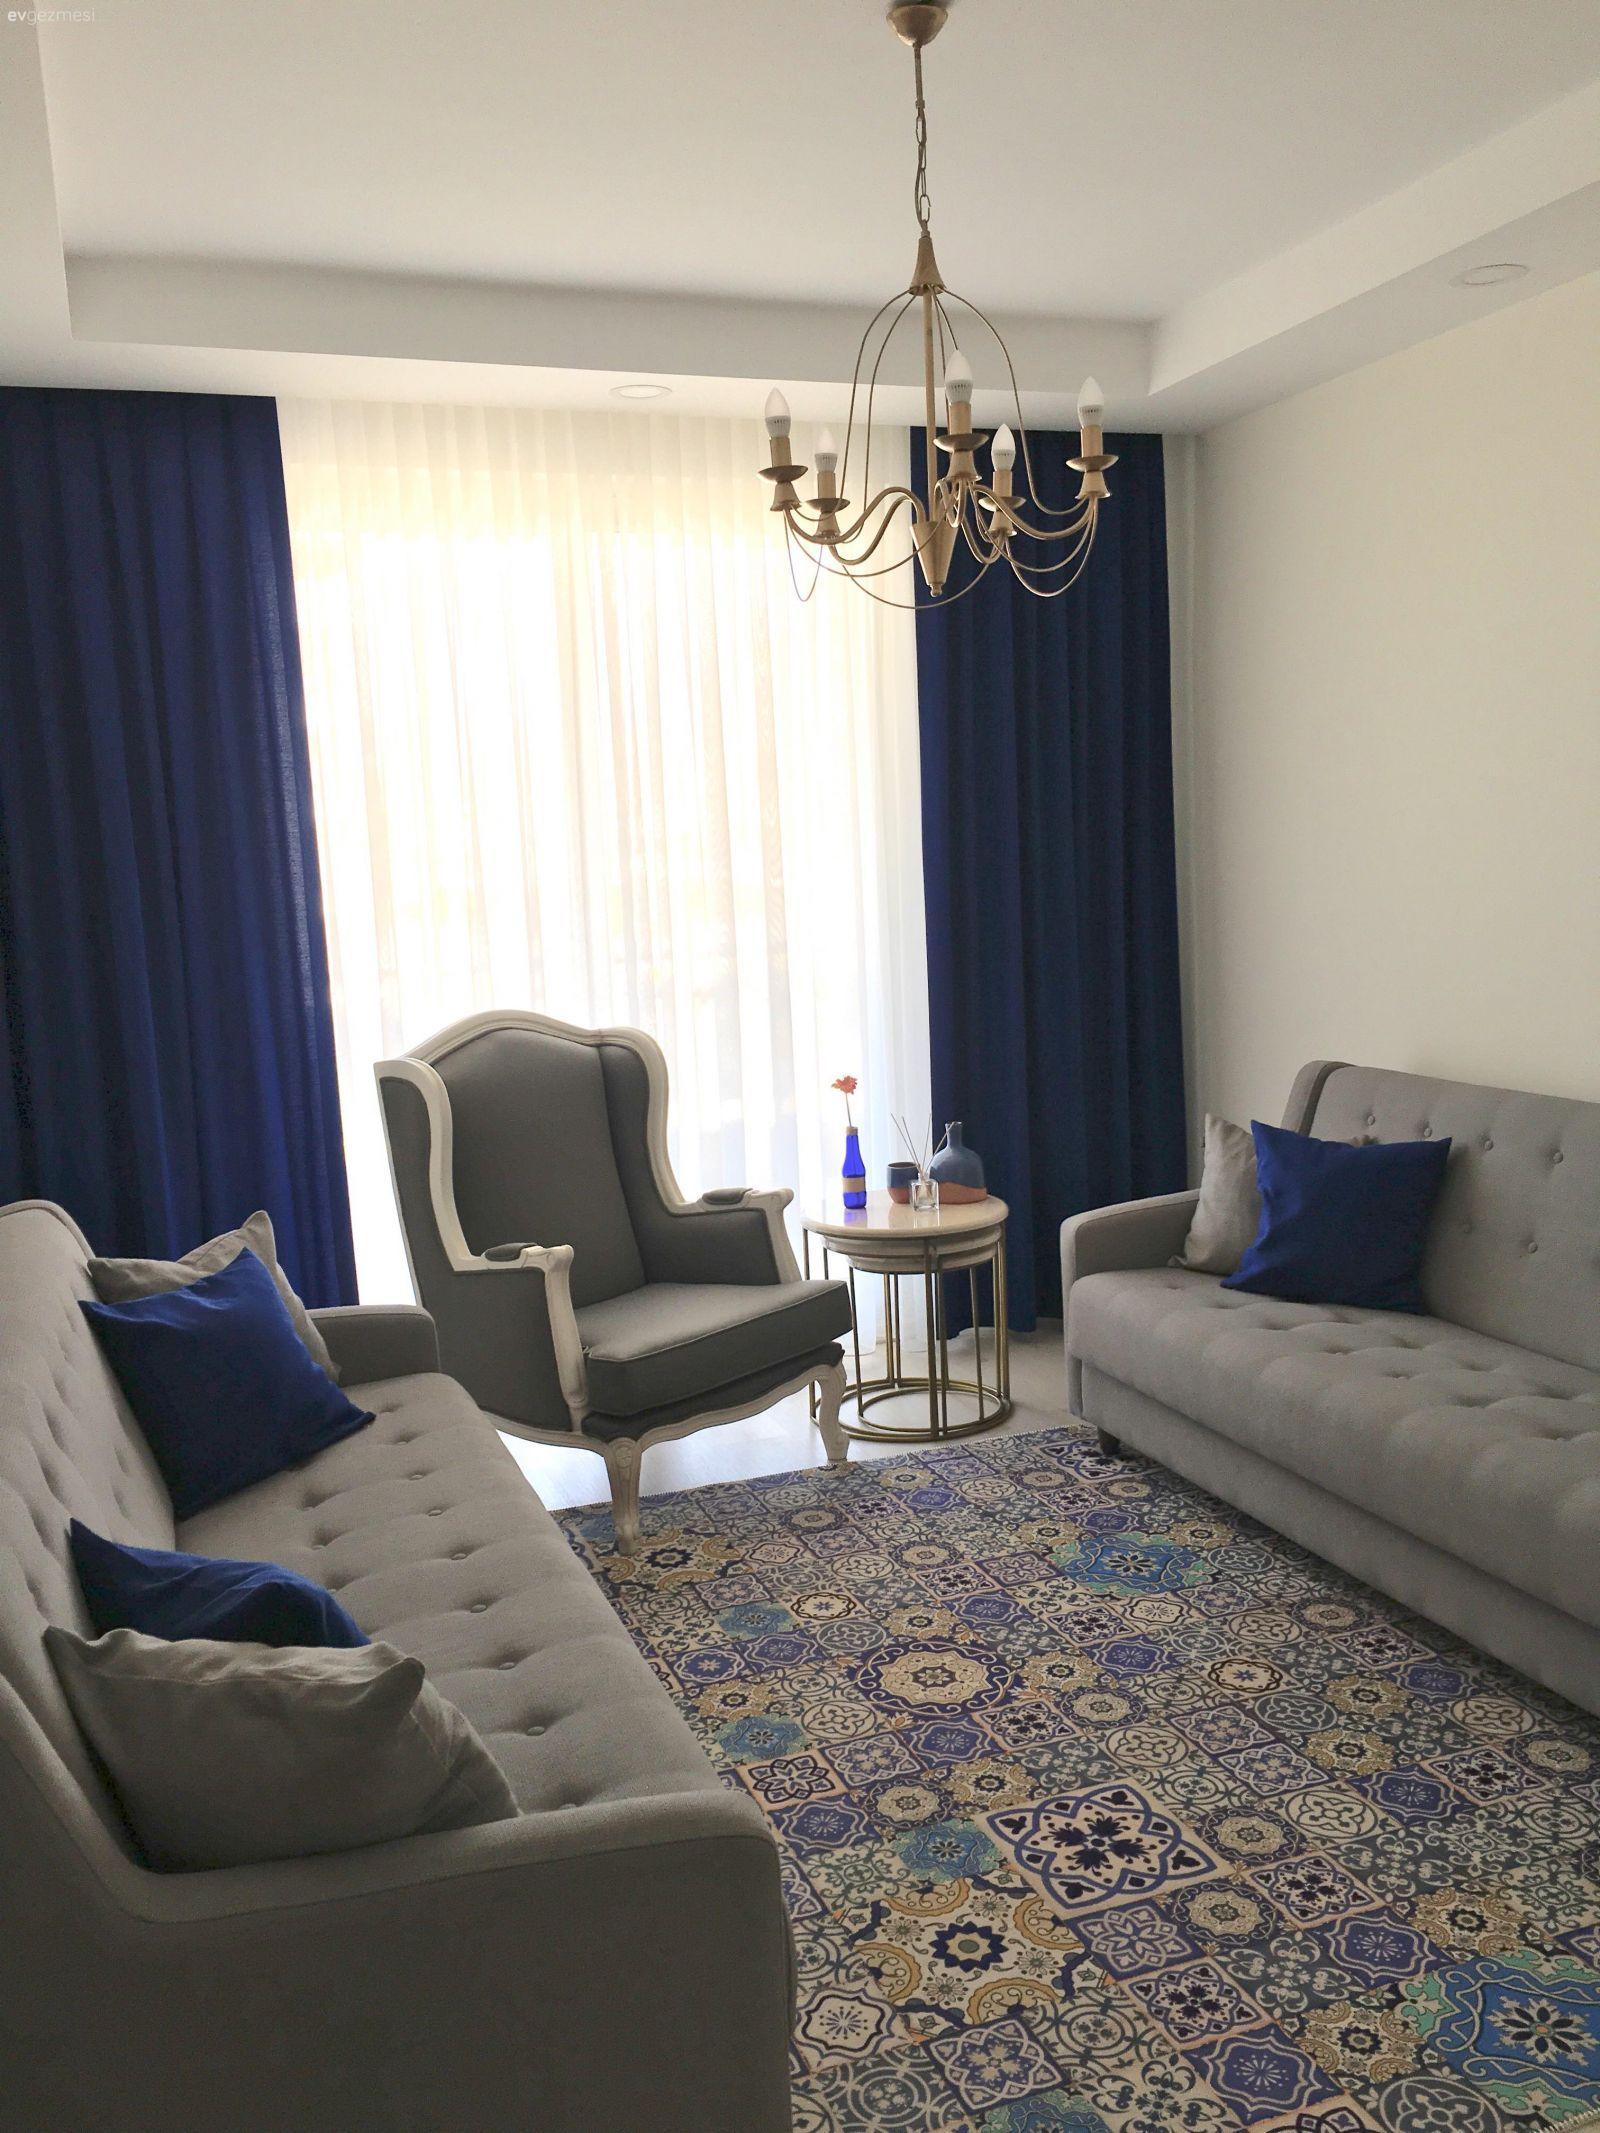 Bu Antalya Evinin Sicak Ve Zarif Bir Ruhu Var Ev Gezmesi Oturma Odasi Takimlari Oturma Odasi Dekorasyonu Oturma Odasi Fikirleri